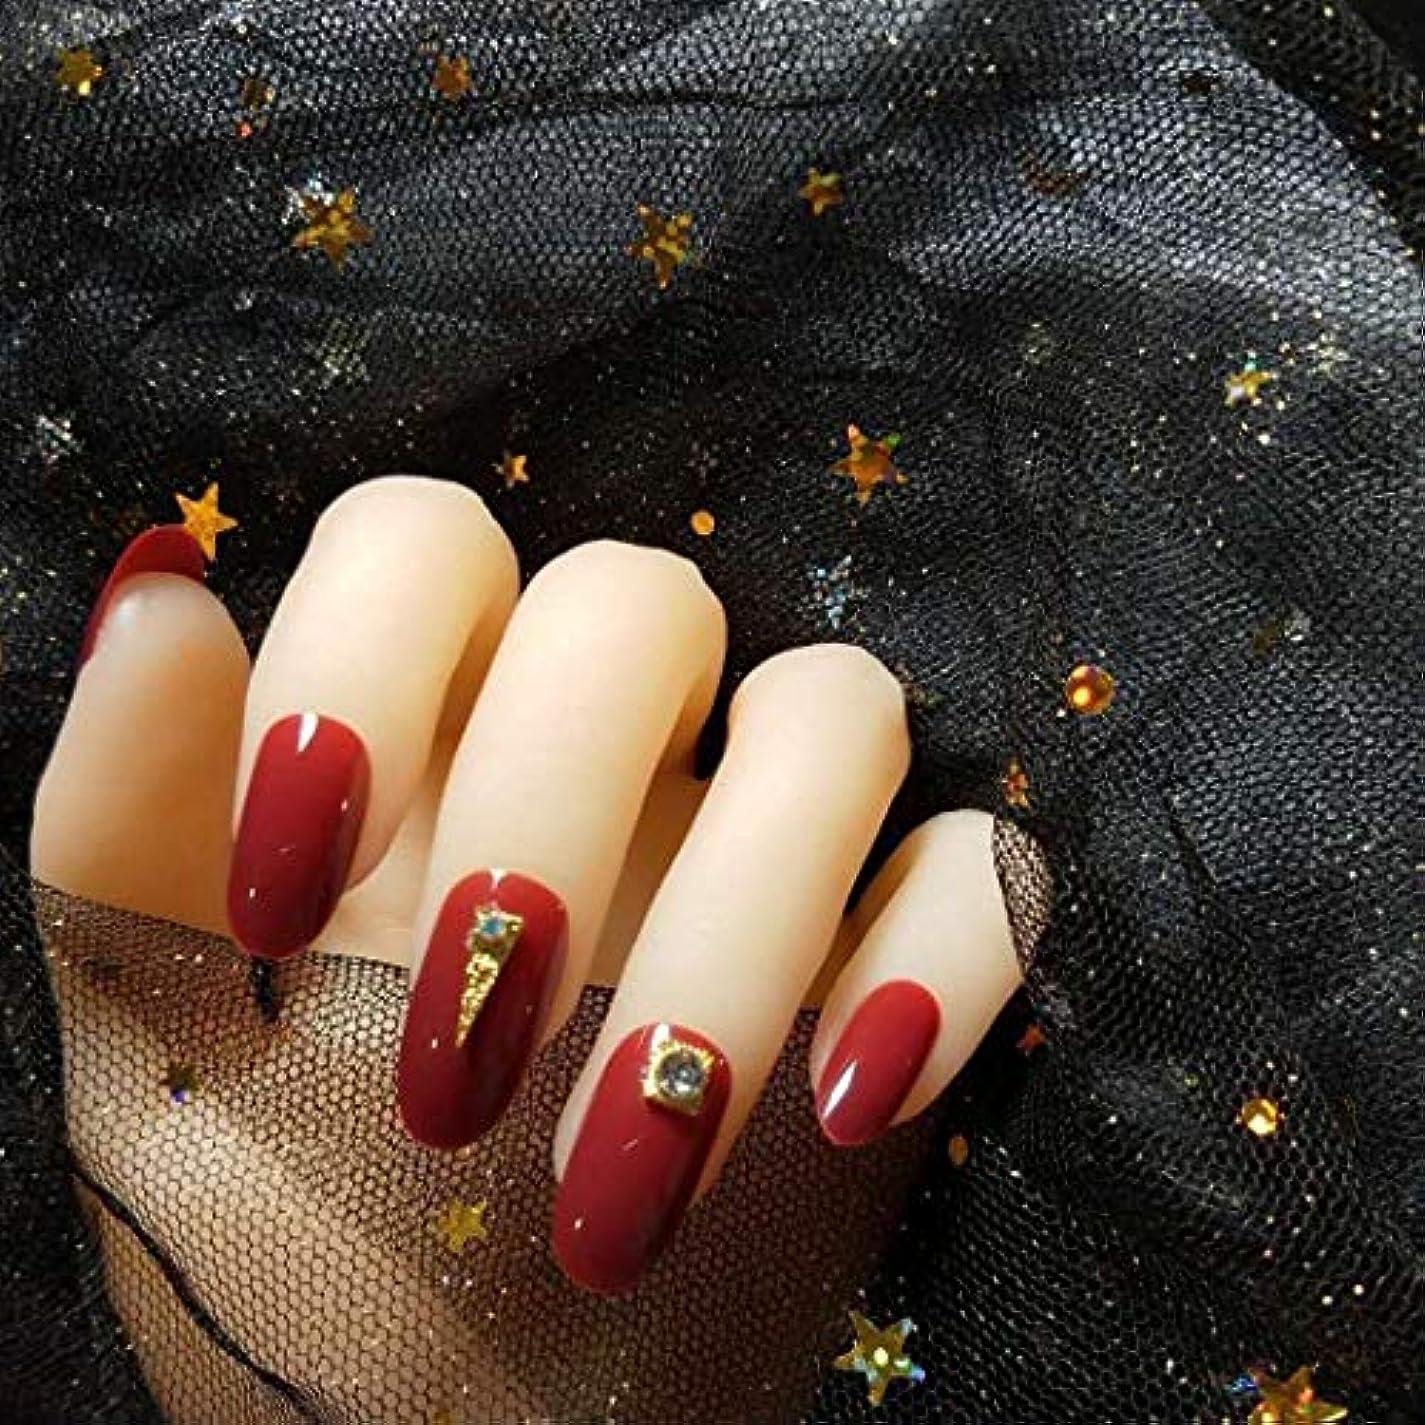 交流する欠伸病気NANNAN ネイルチップ 3D ネイルチップ 綺麗な飾り付け 24枚入 原宿 和風 夢幻 和装 手作りネイルチップ 結婚式ネイルチップ 赤